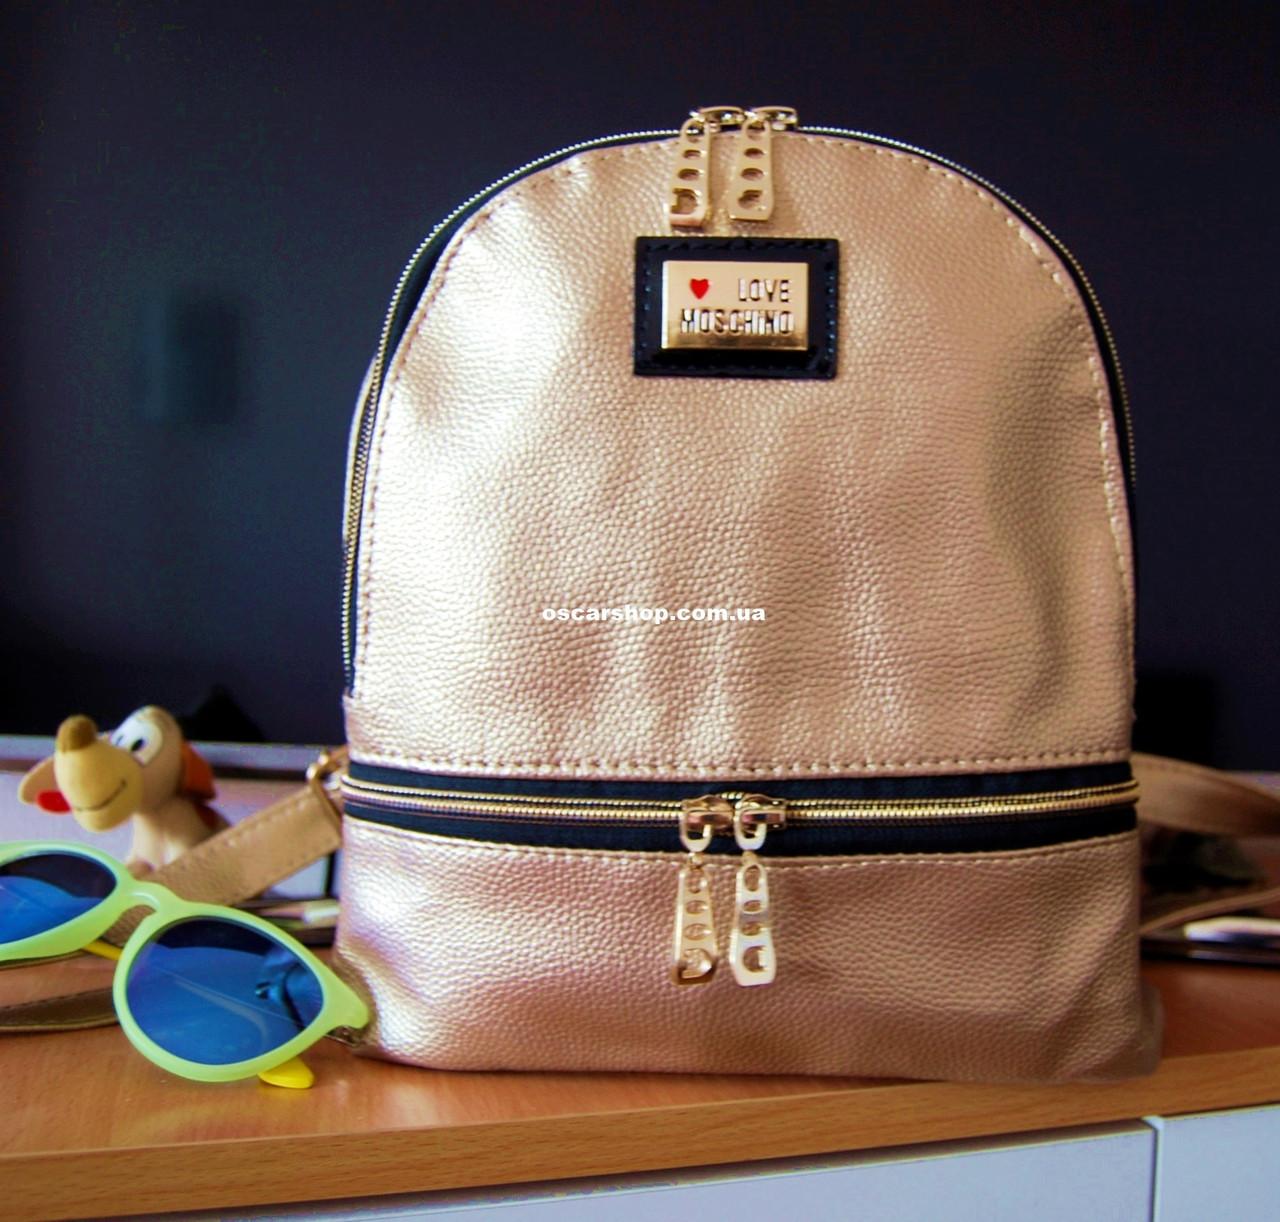 Кожаная Женская сумка Moschino. Мини рюкзак трэнд сезона! Цвета на выбор. РД004